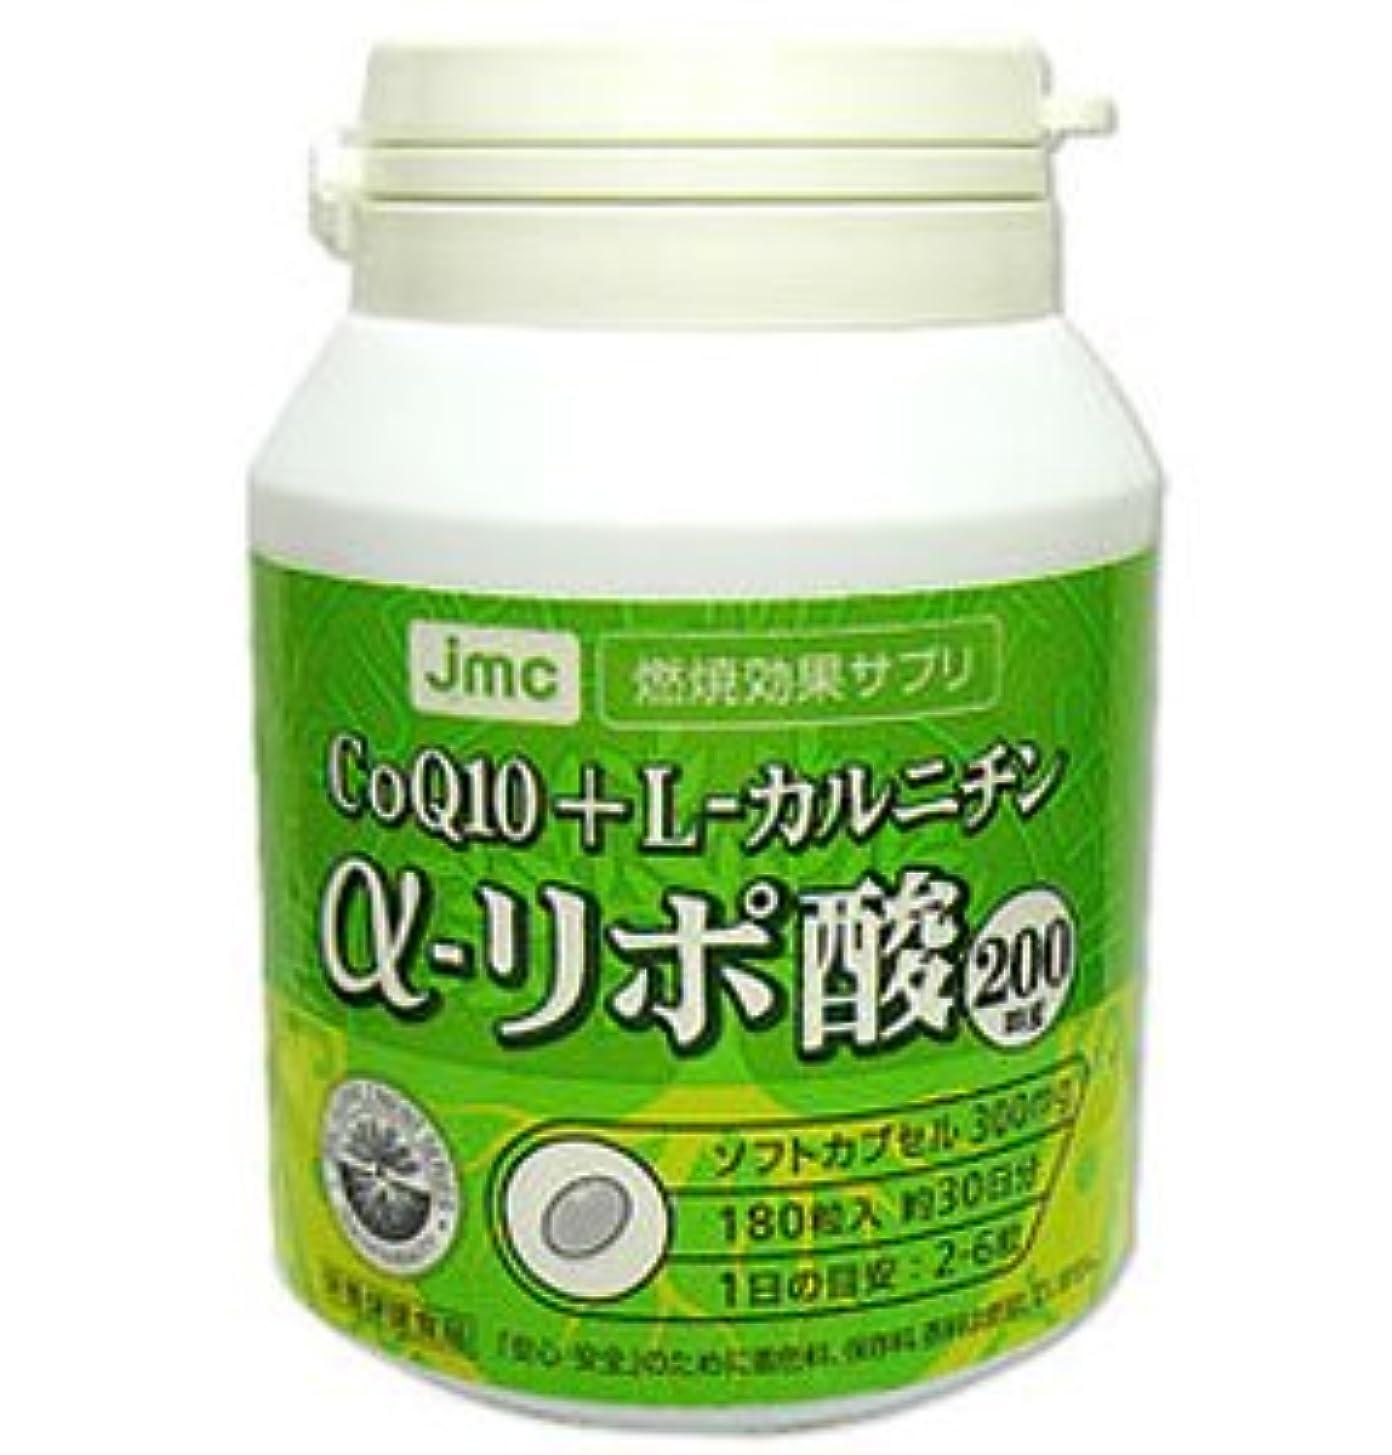 丈夫トレイル古くなったα-リポ酸200mg(αリポ酸、COQ10、L-カルニチン、共役リノール酸配合ダイエットサプリ)